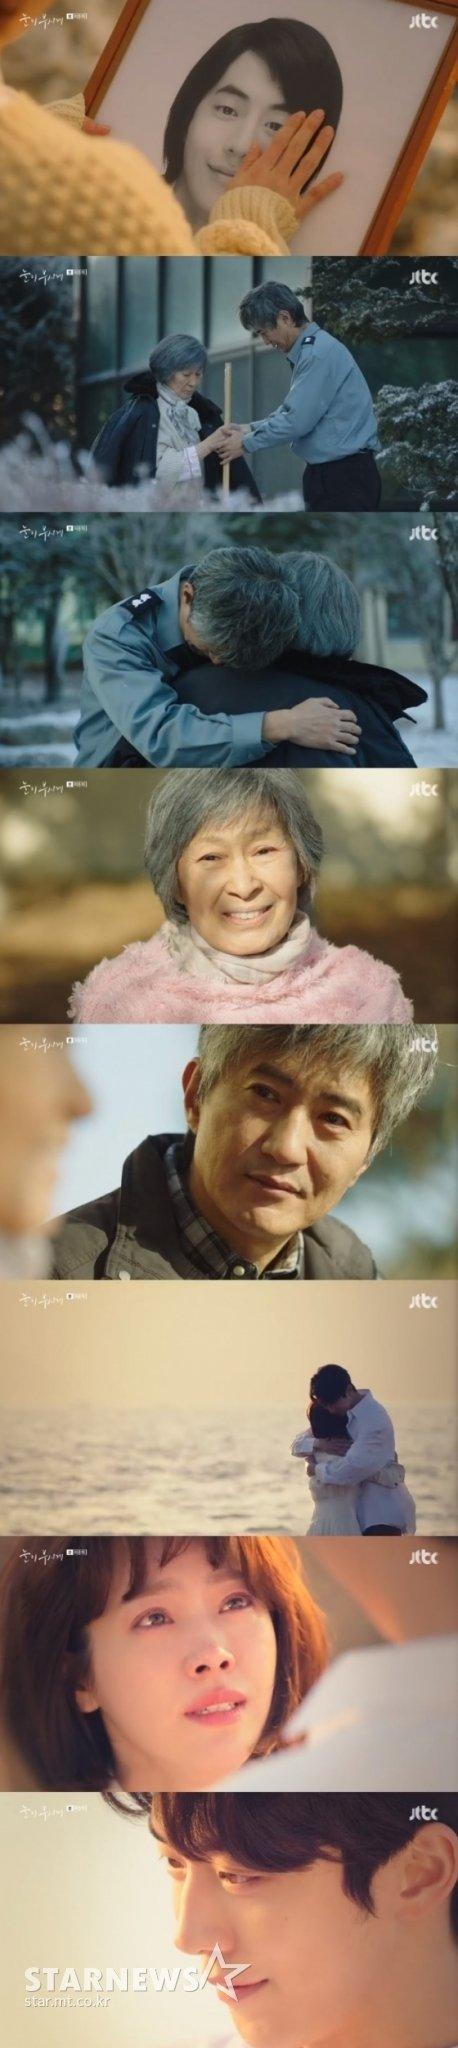 JTBC 드라마 \'눈이 부시게\' 화면 캡쳐